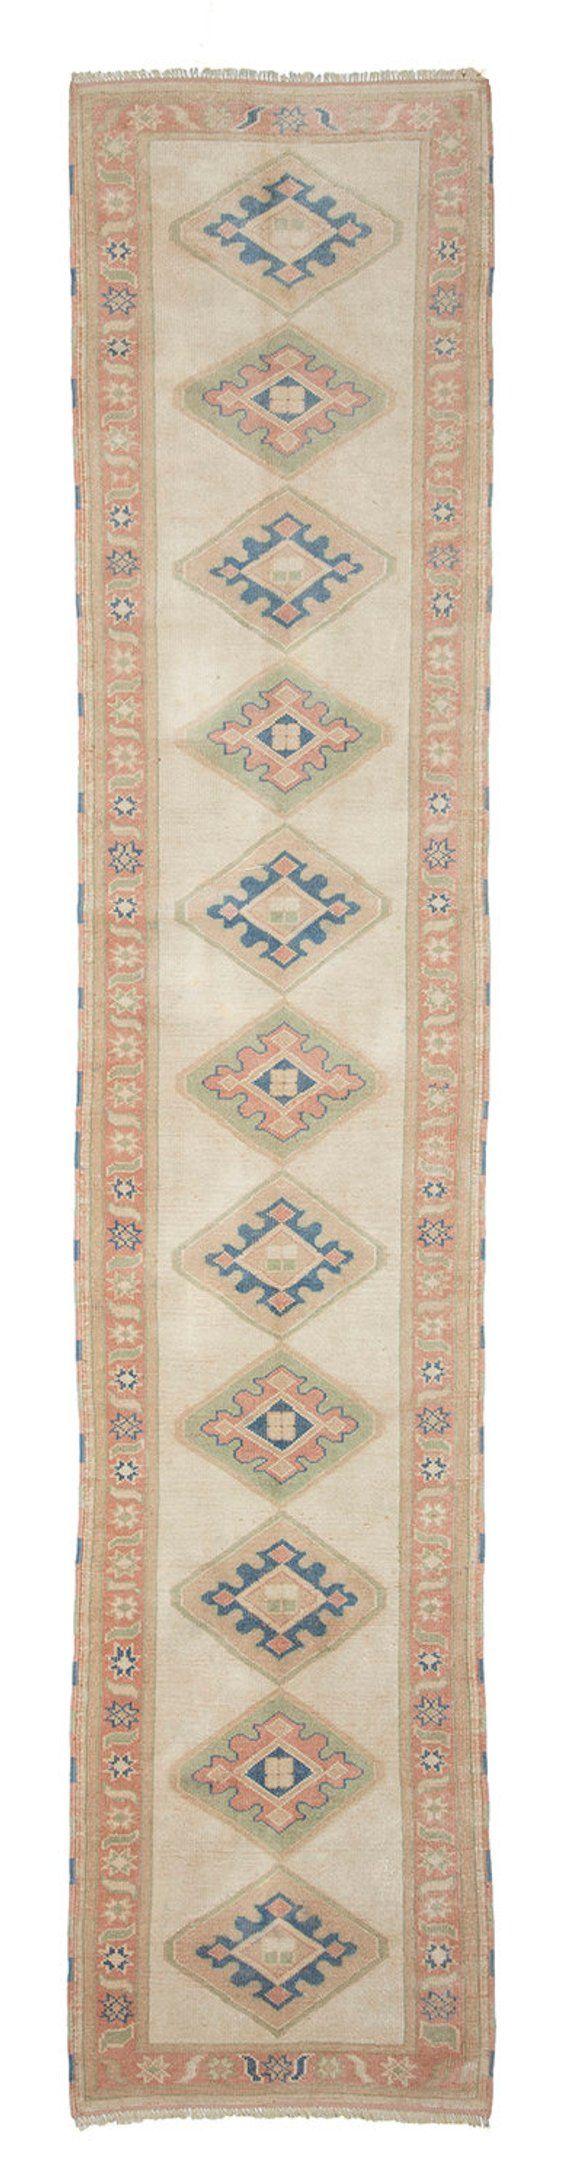 Carpet Runner,375x78cm,12.3x2.6 ft,Oushak runner rug